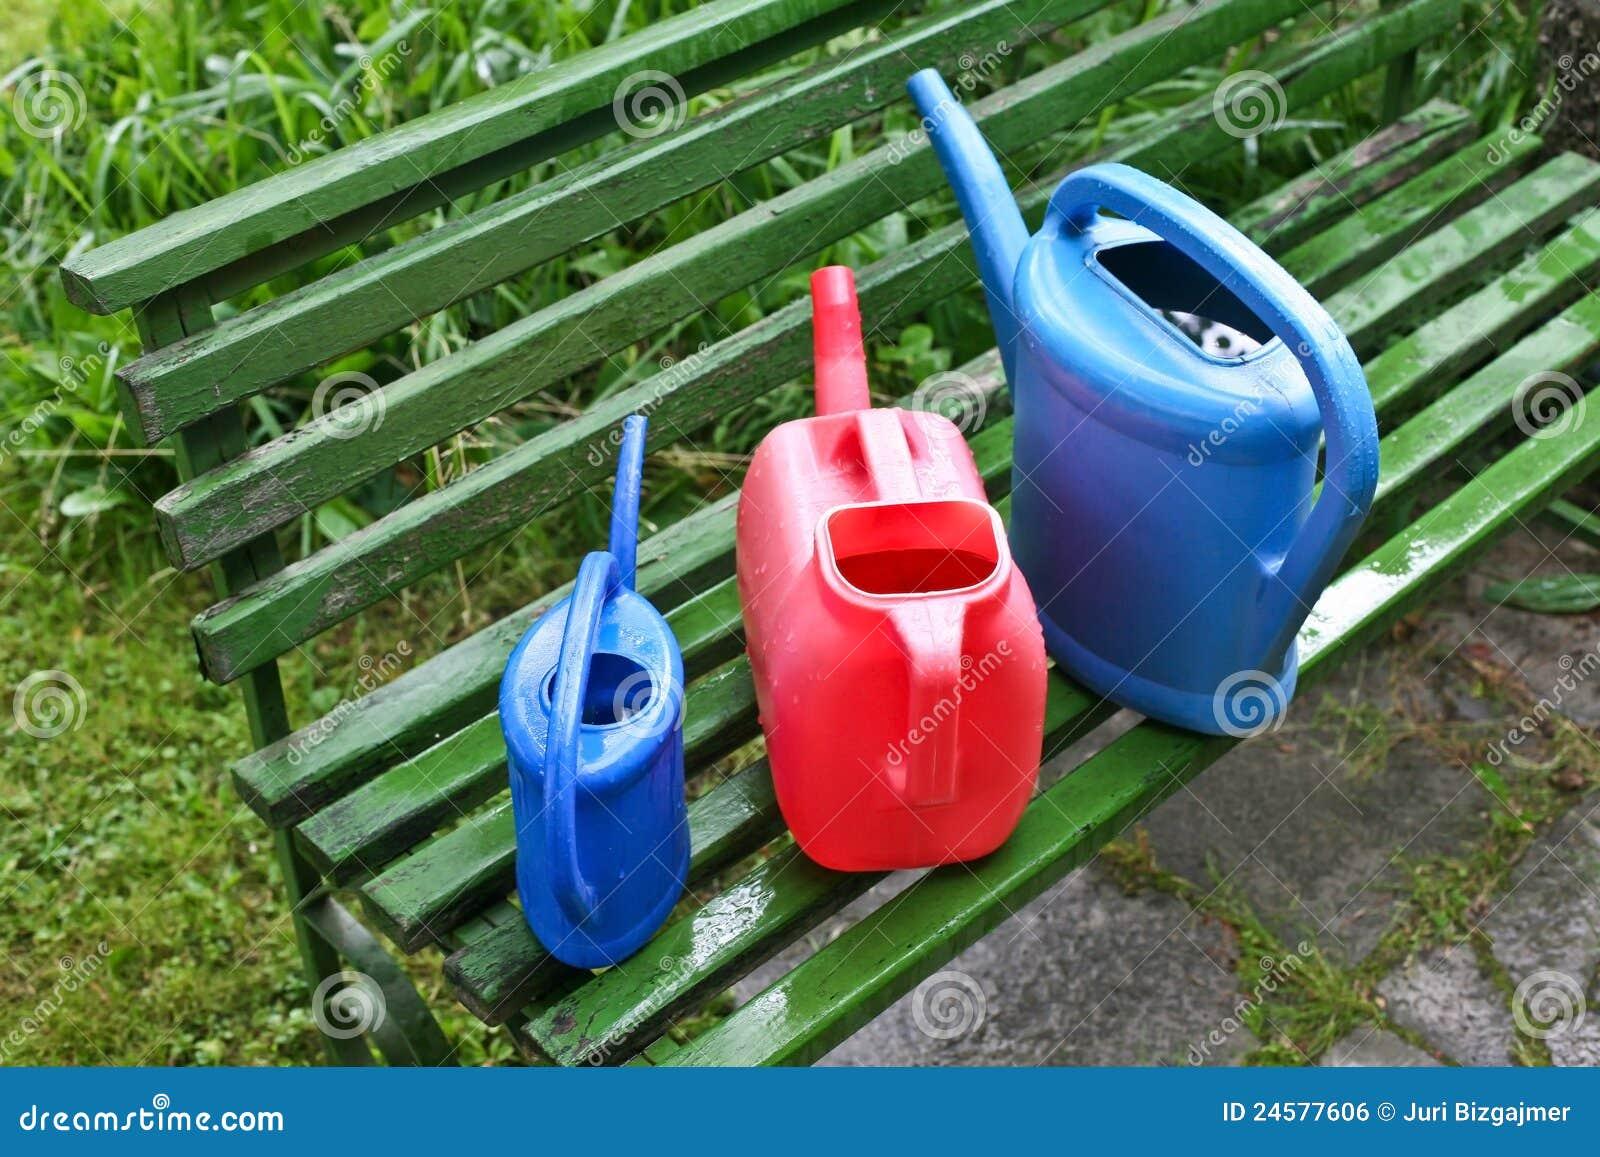 Bewässerungsdosen im Garten